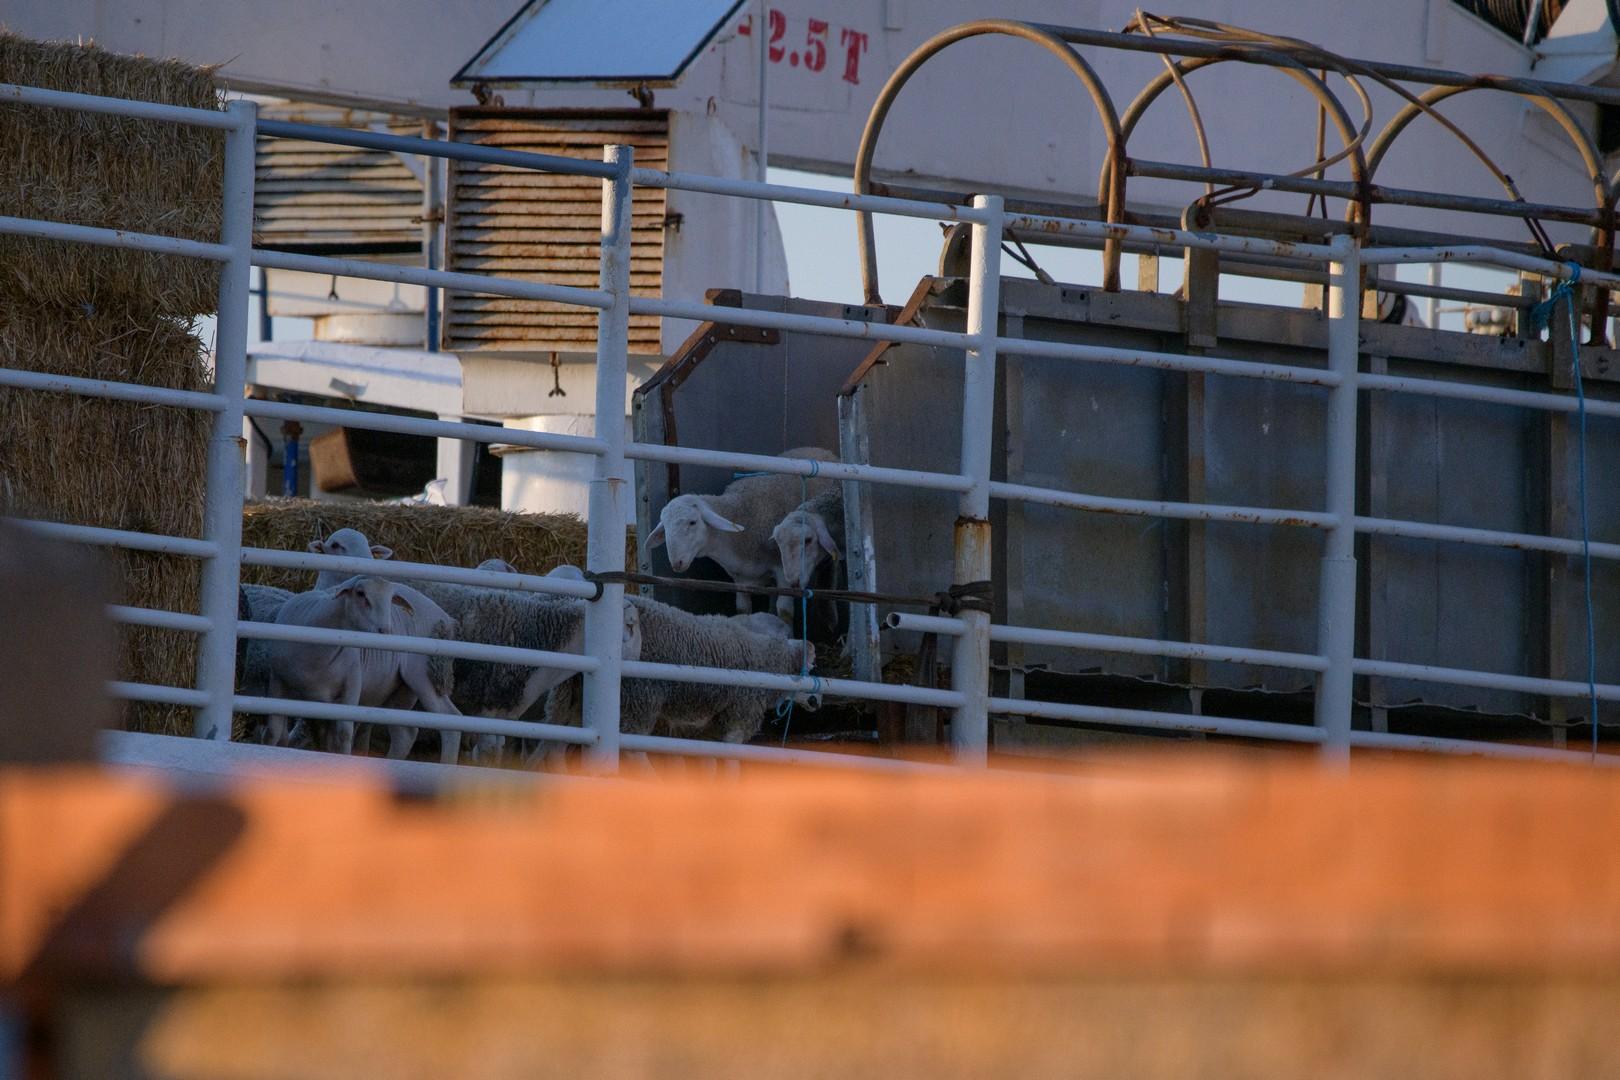 Gli animali sono costretti a utilizzare delle rampe per salire sulle navi, ma spesso sono posizionate troppo in alto, sono ripide, inadatte alle loro zampe